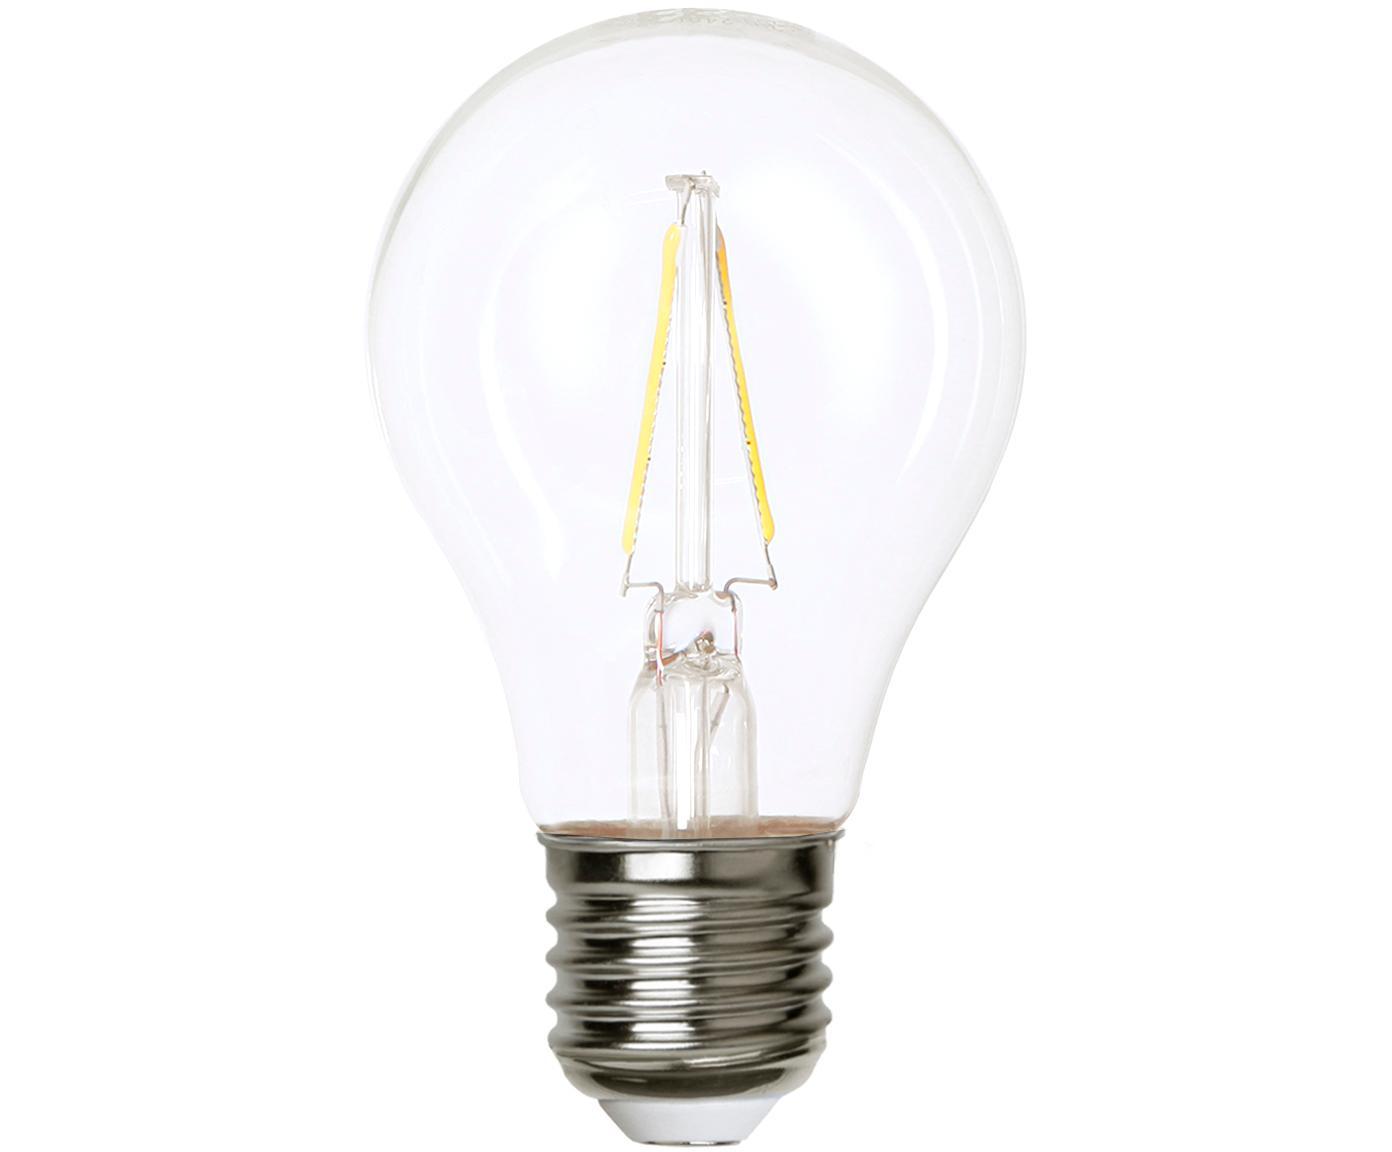 LED lamp Airtight Two (E27 / 2W) 5 stuks, Lampenkap: glas, Fitting: vernikkeld koper, Transparant, nikkelkleurig, Ø 6 x H 11 cm